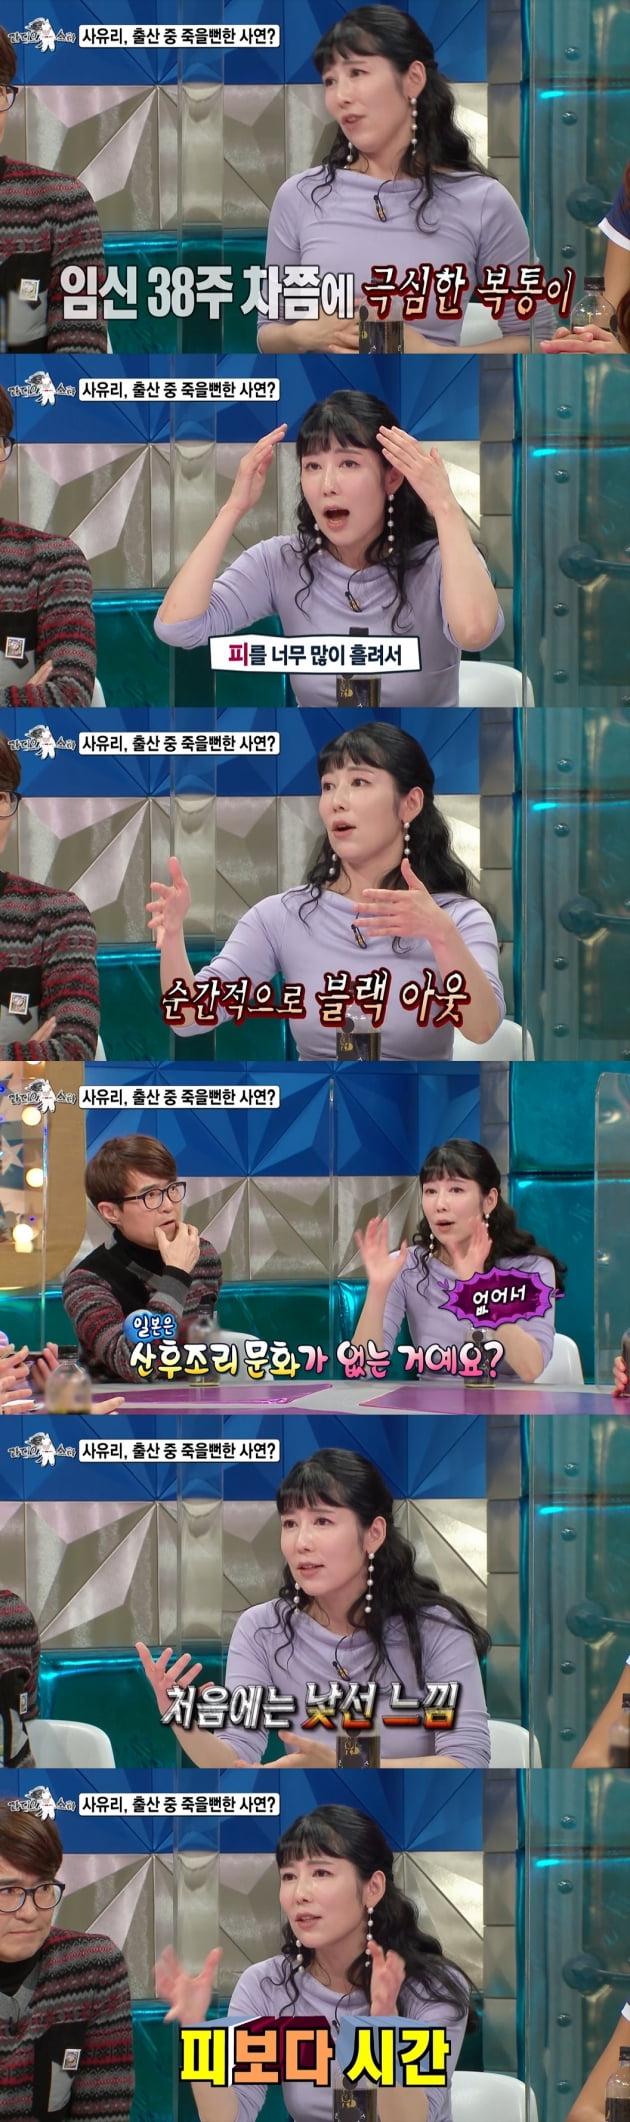 출산 스토리를 밝힌 방송인 사유리. / 사진=MBC '라디오스타' 방송 캡처